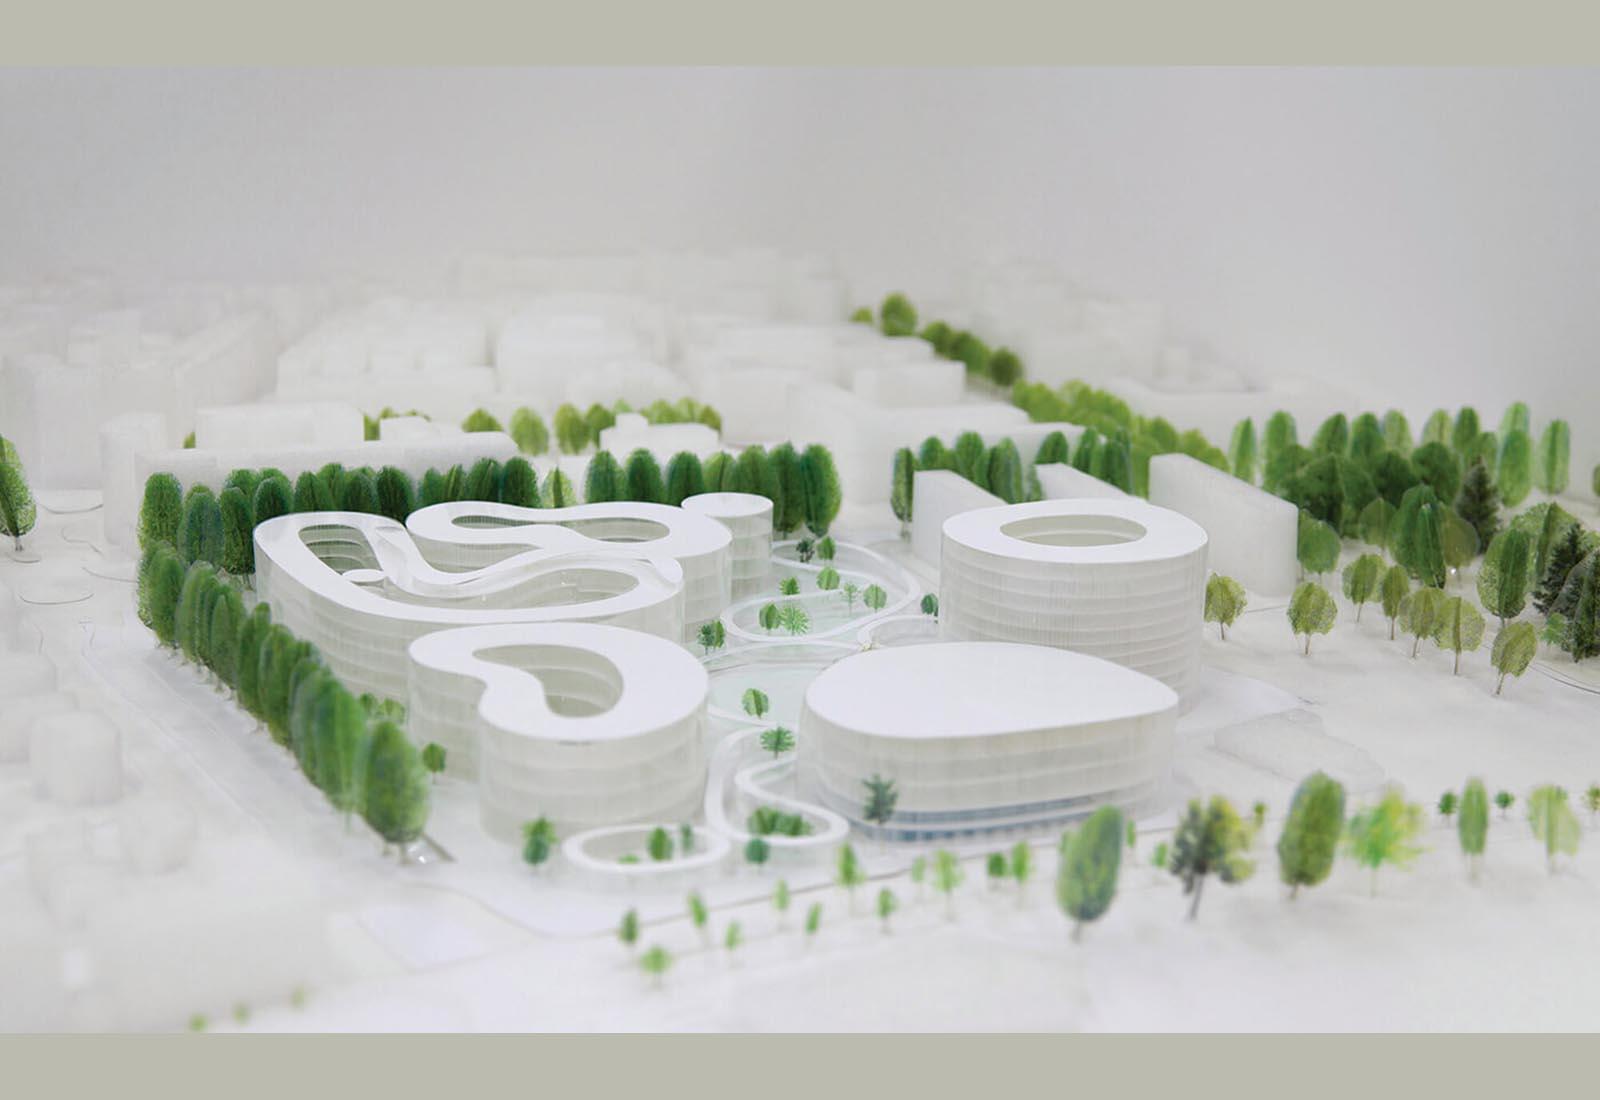 Edifici del campus Bocconi in via Castiglioni a Milano - Il plastico dell'intervento